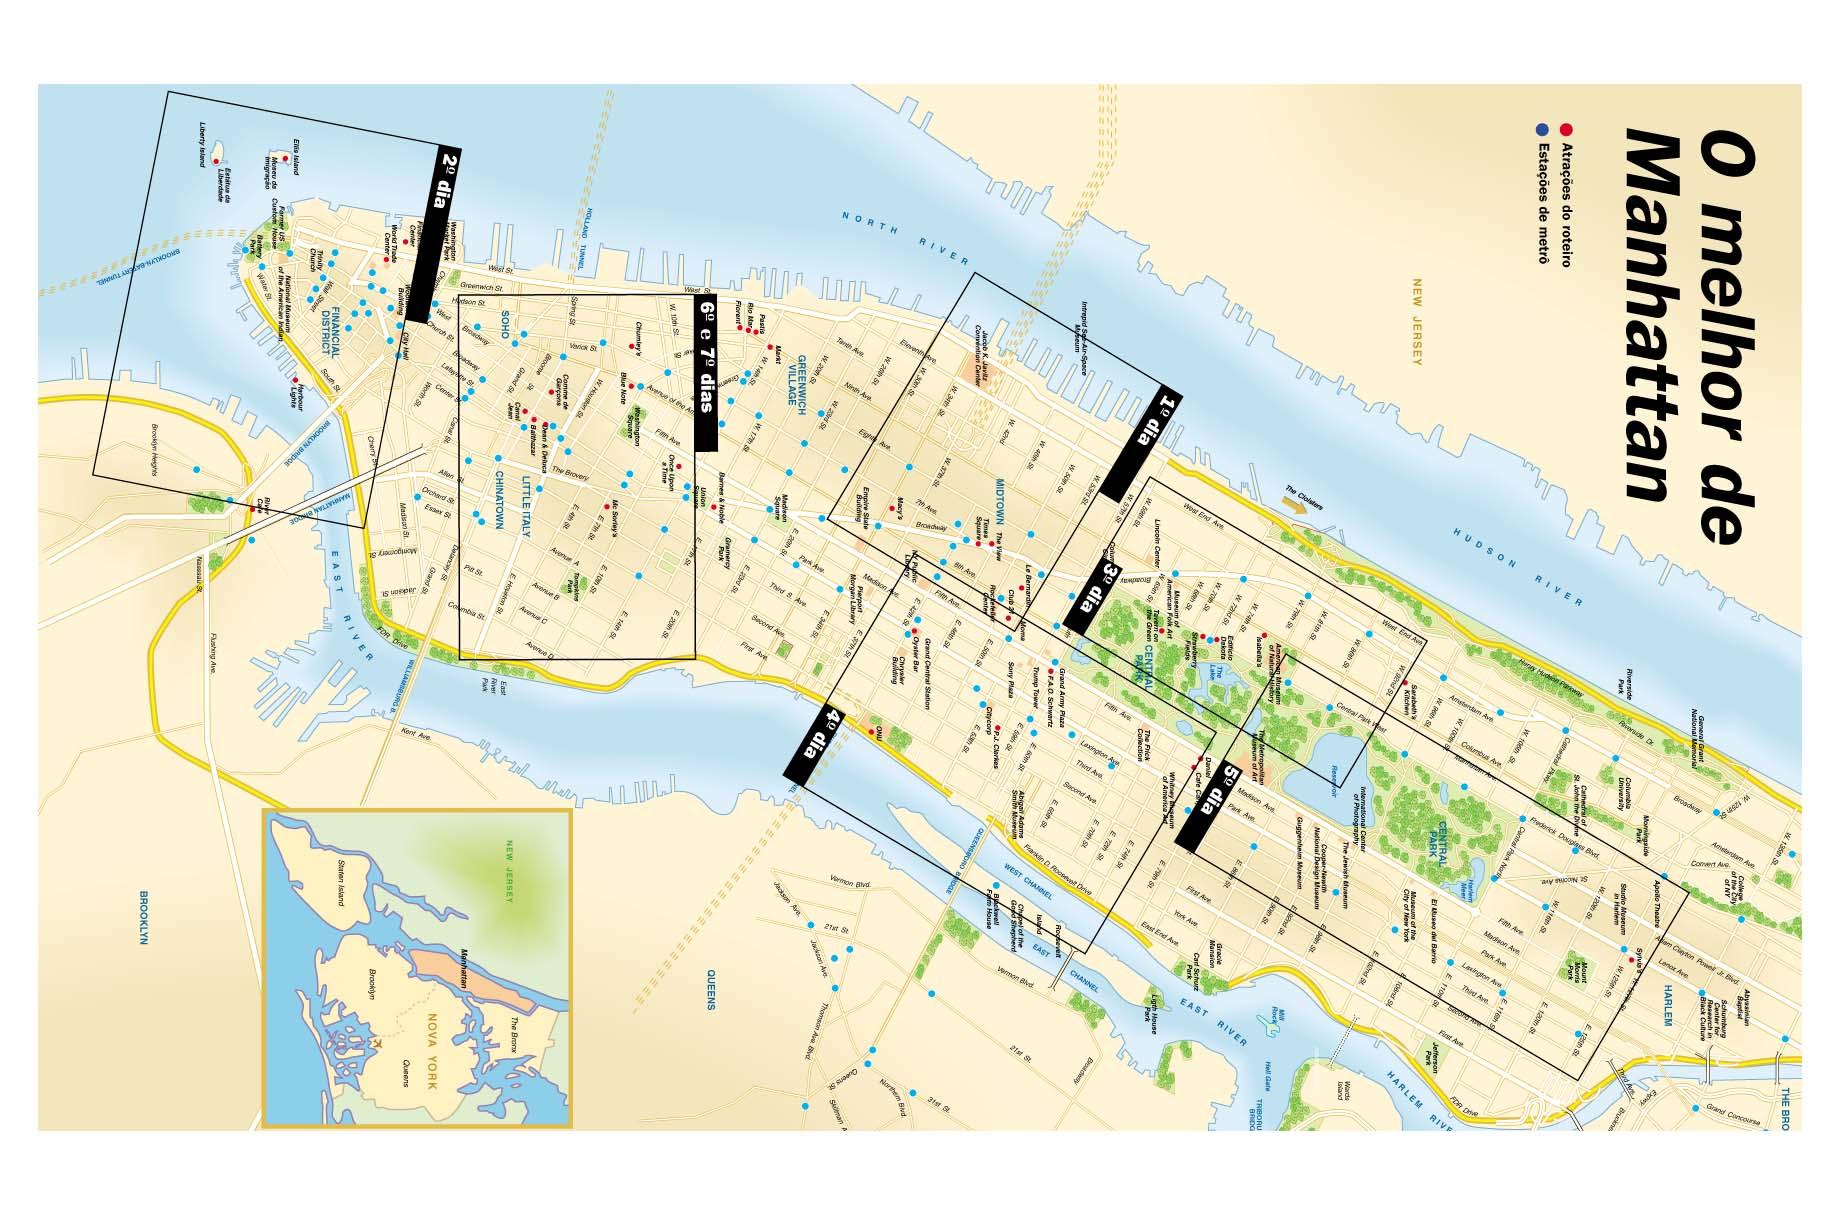 Mapa De Nova York Viagem Decaonline Dicas De Viagem